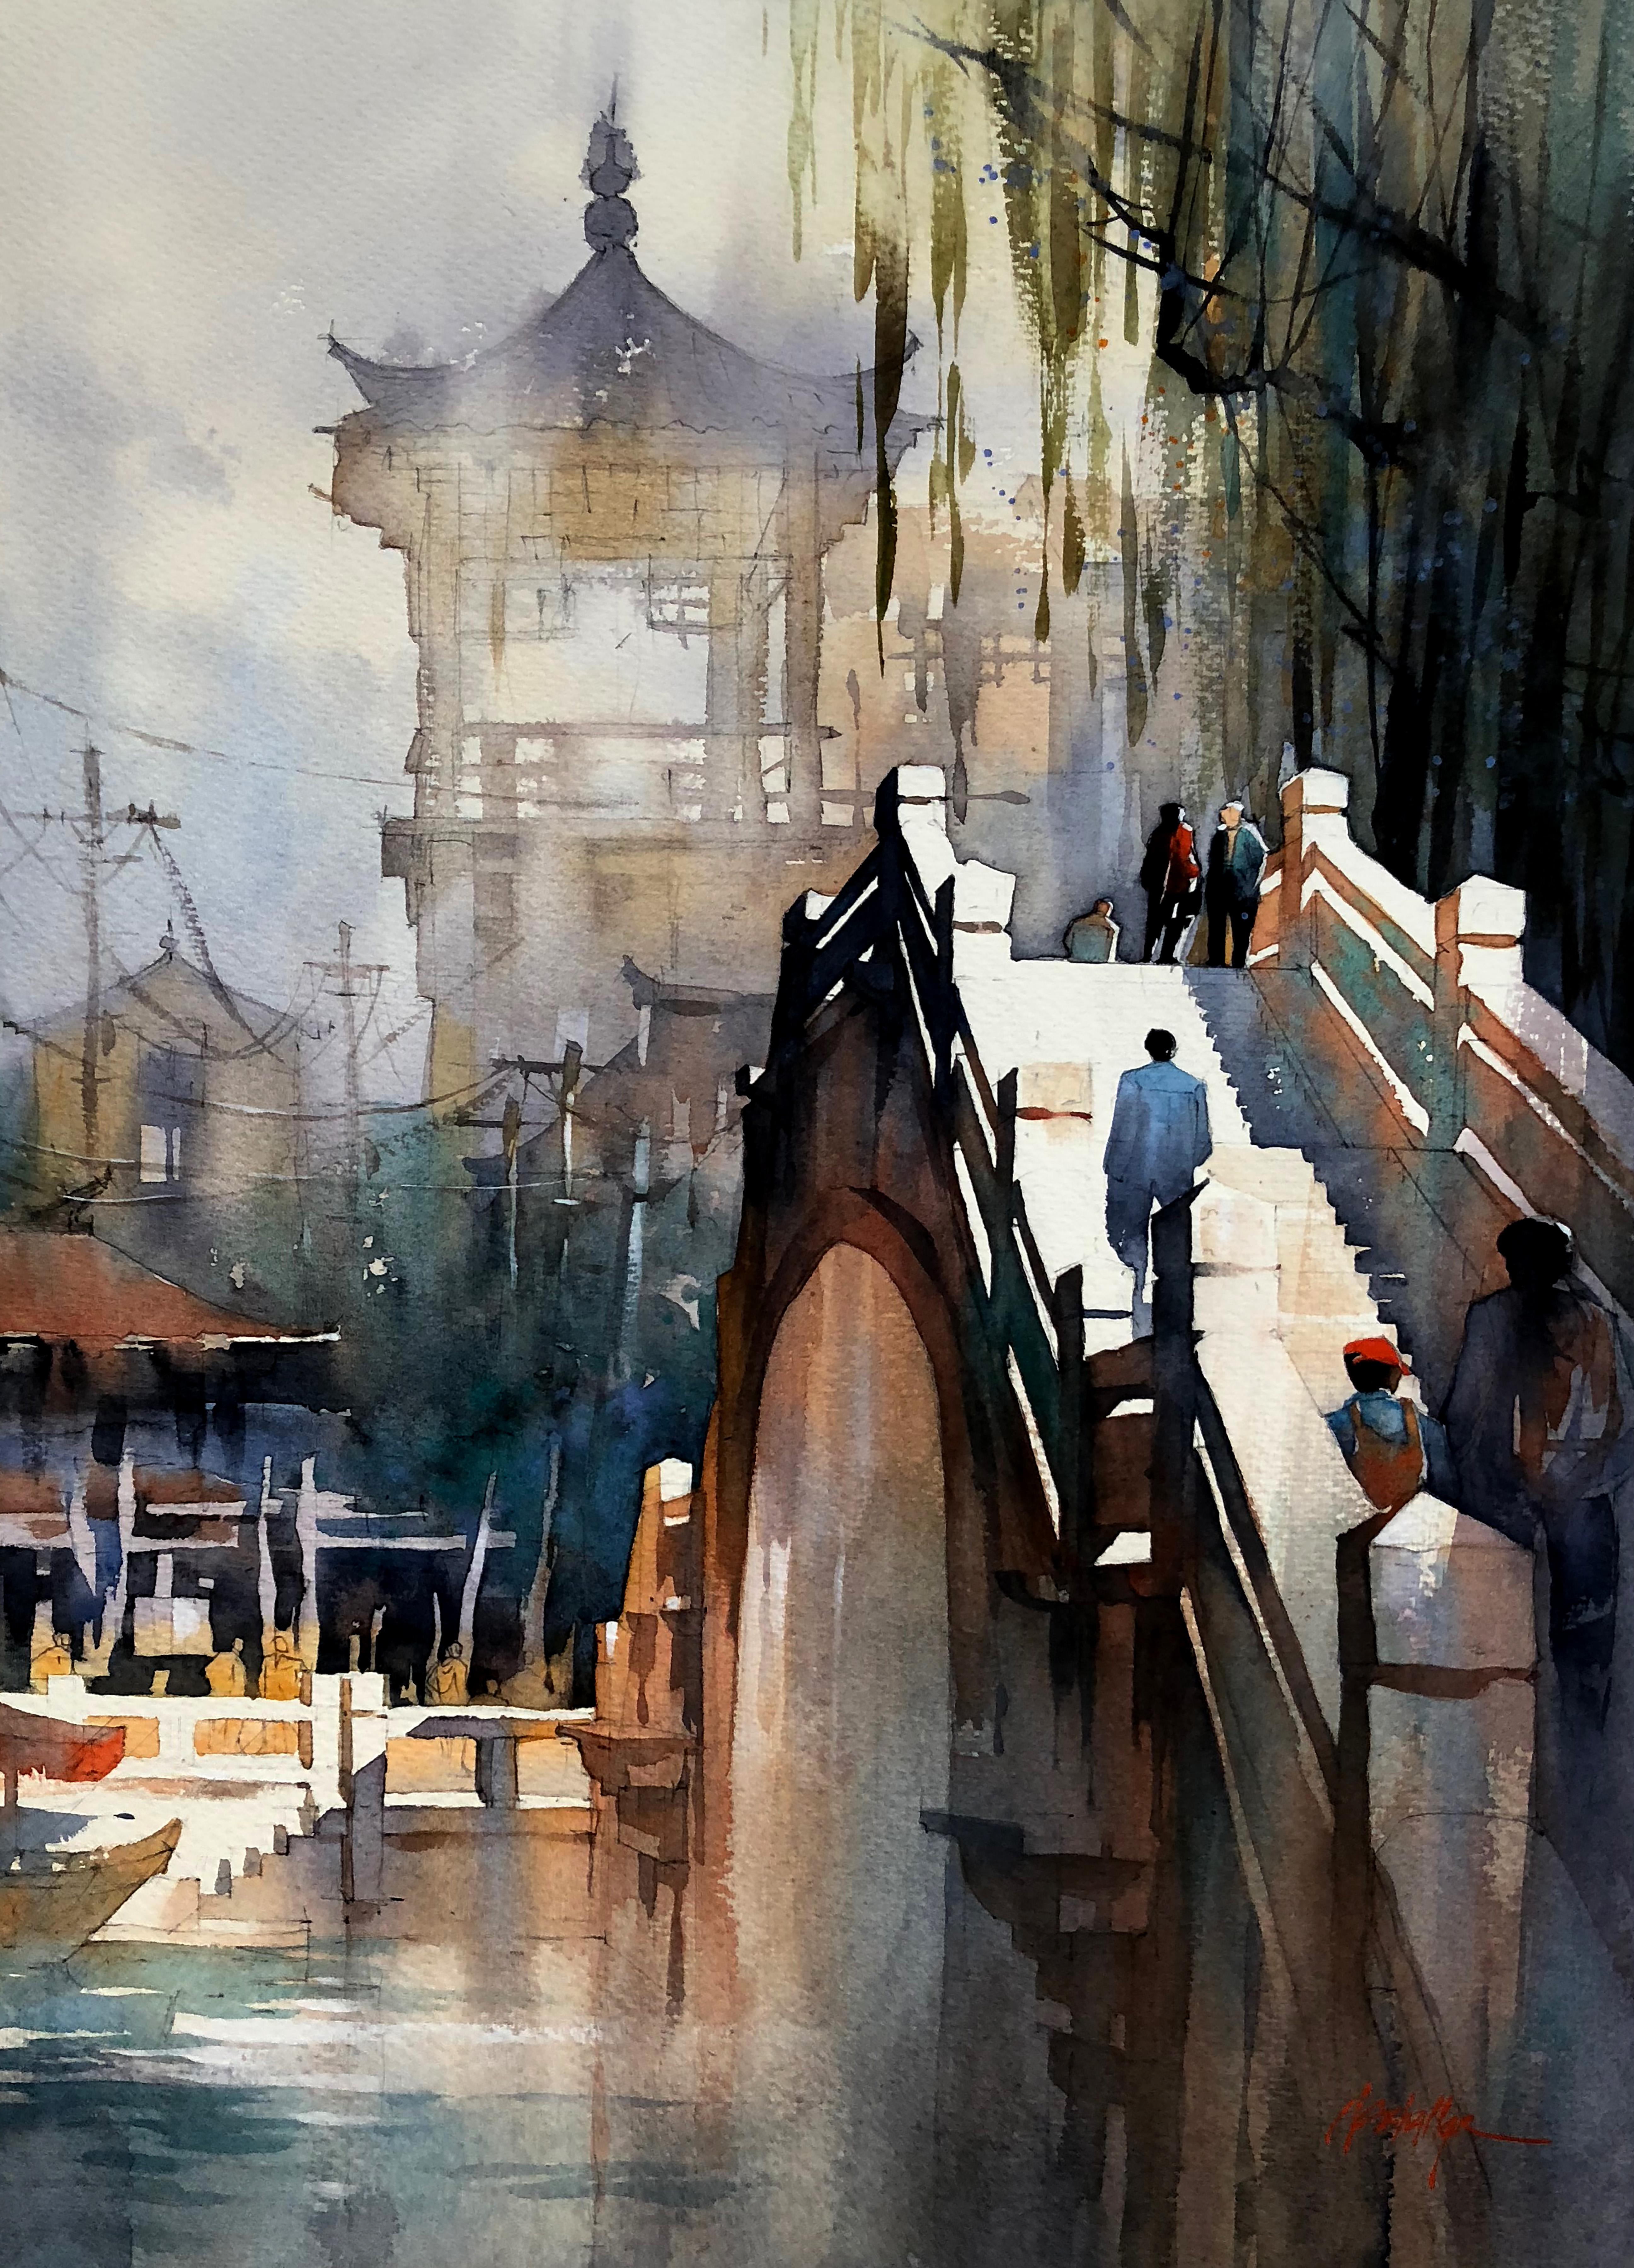 Bridge - China Schaller